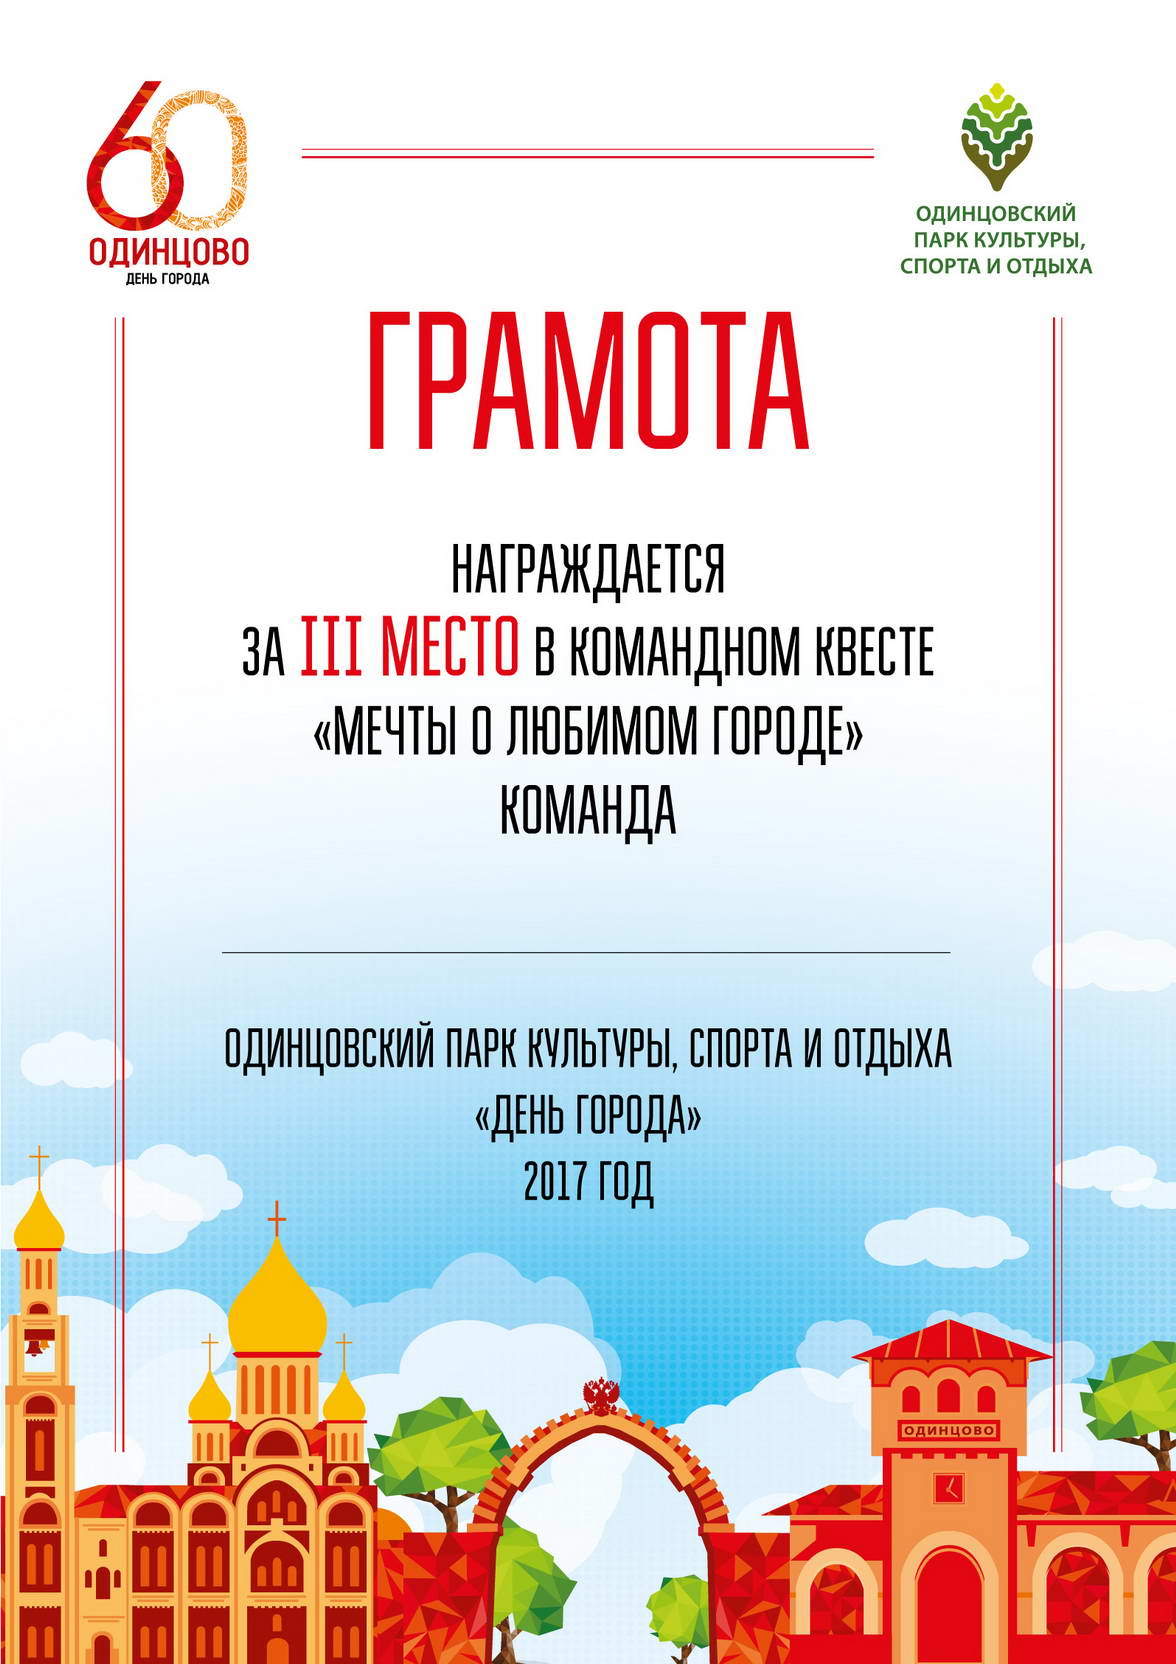 nap Odintsovo 2 сентября дизайн грамоты Одинцовский парк